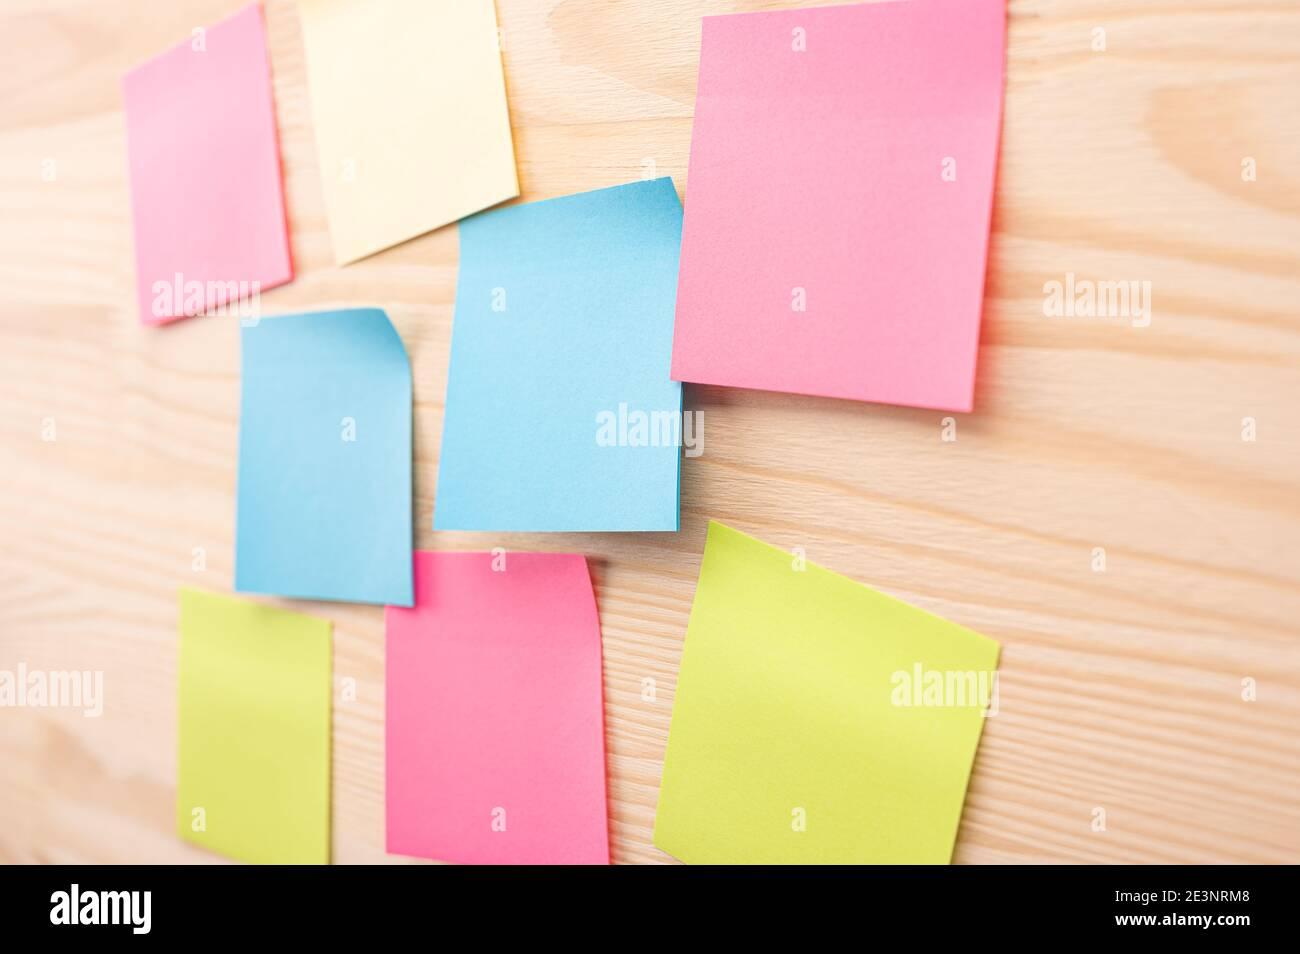 Notas pegajosas y coloridas con cosas que hacer en el tablero de la oficina. Uso del control de tareas de la metodología de desarrollo ágil. Conjunto de notas adhesivas de colores. Foto de stock